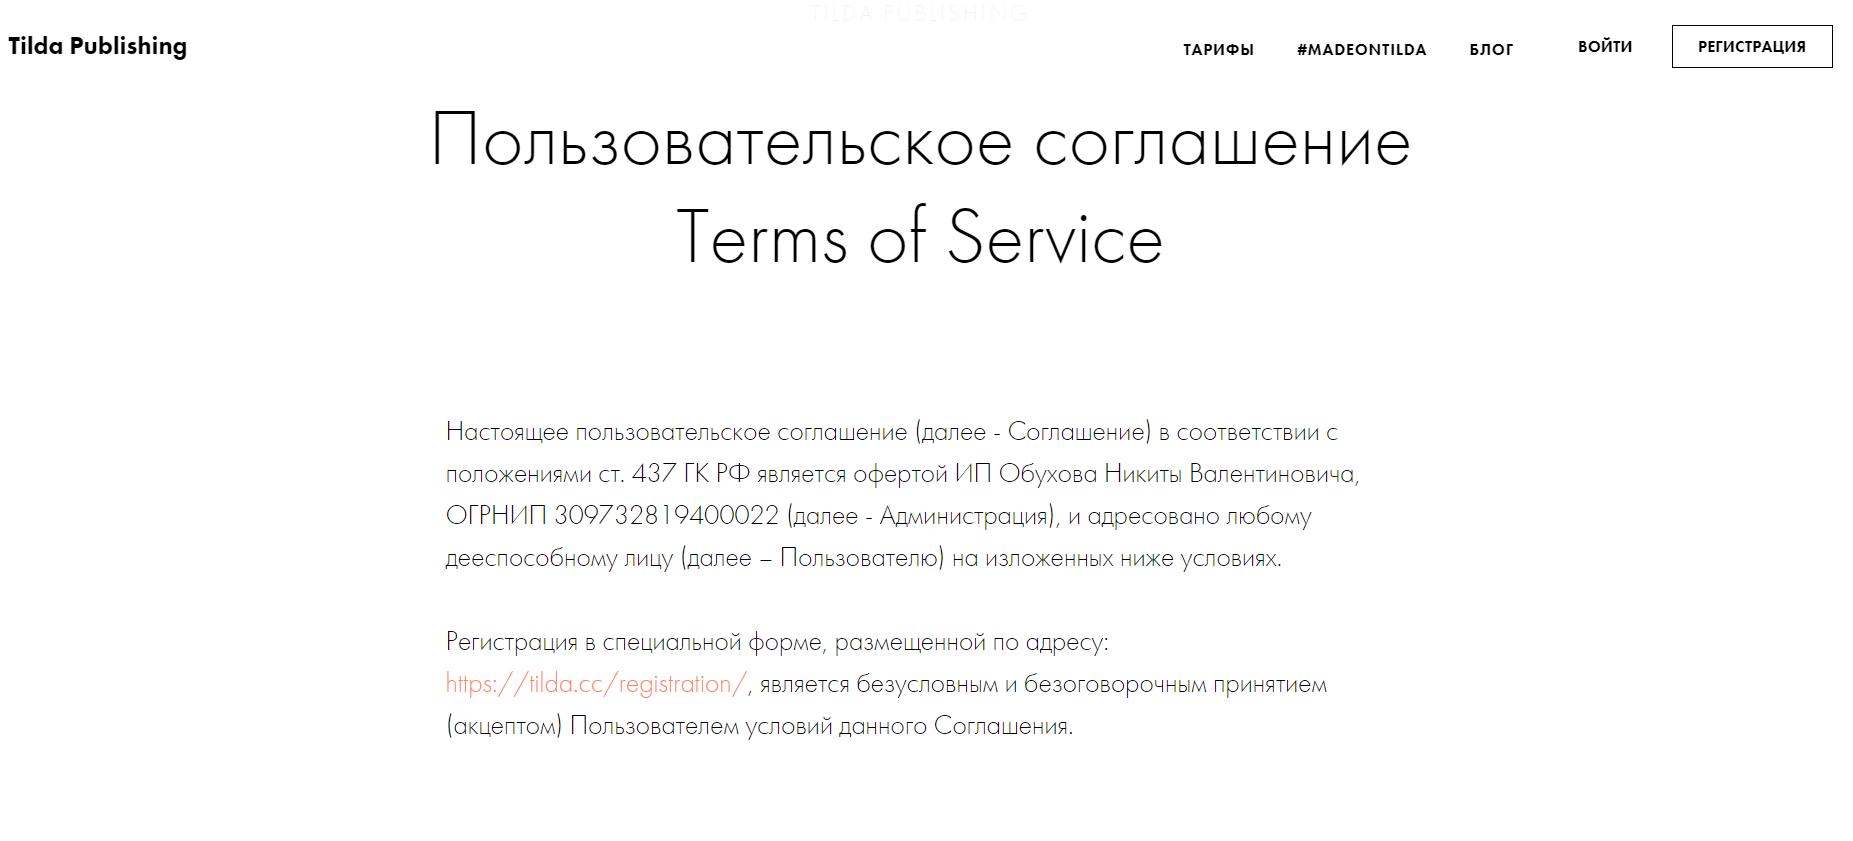 Уряд України запустив сайт про коронавіруc. Що з цим не так? - tech, community, news, country